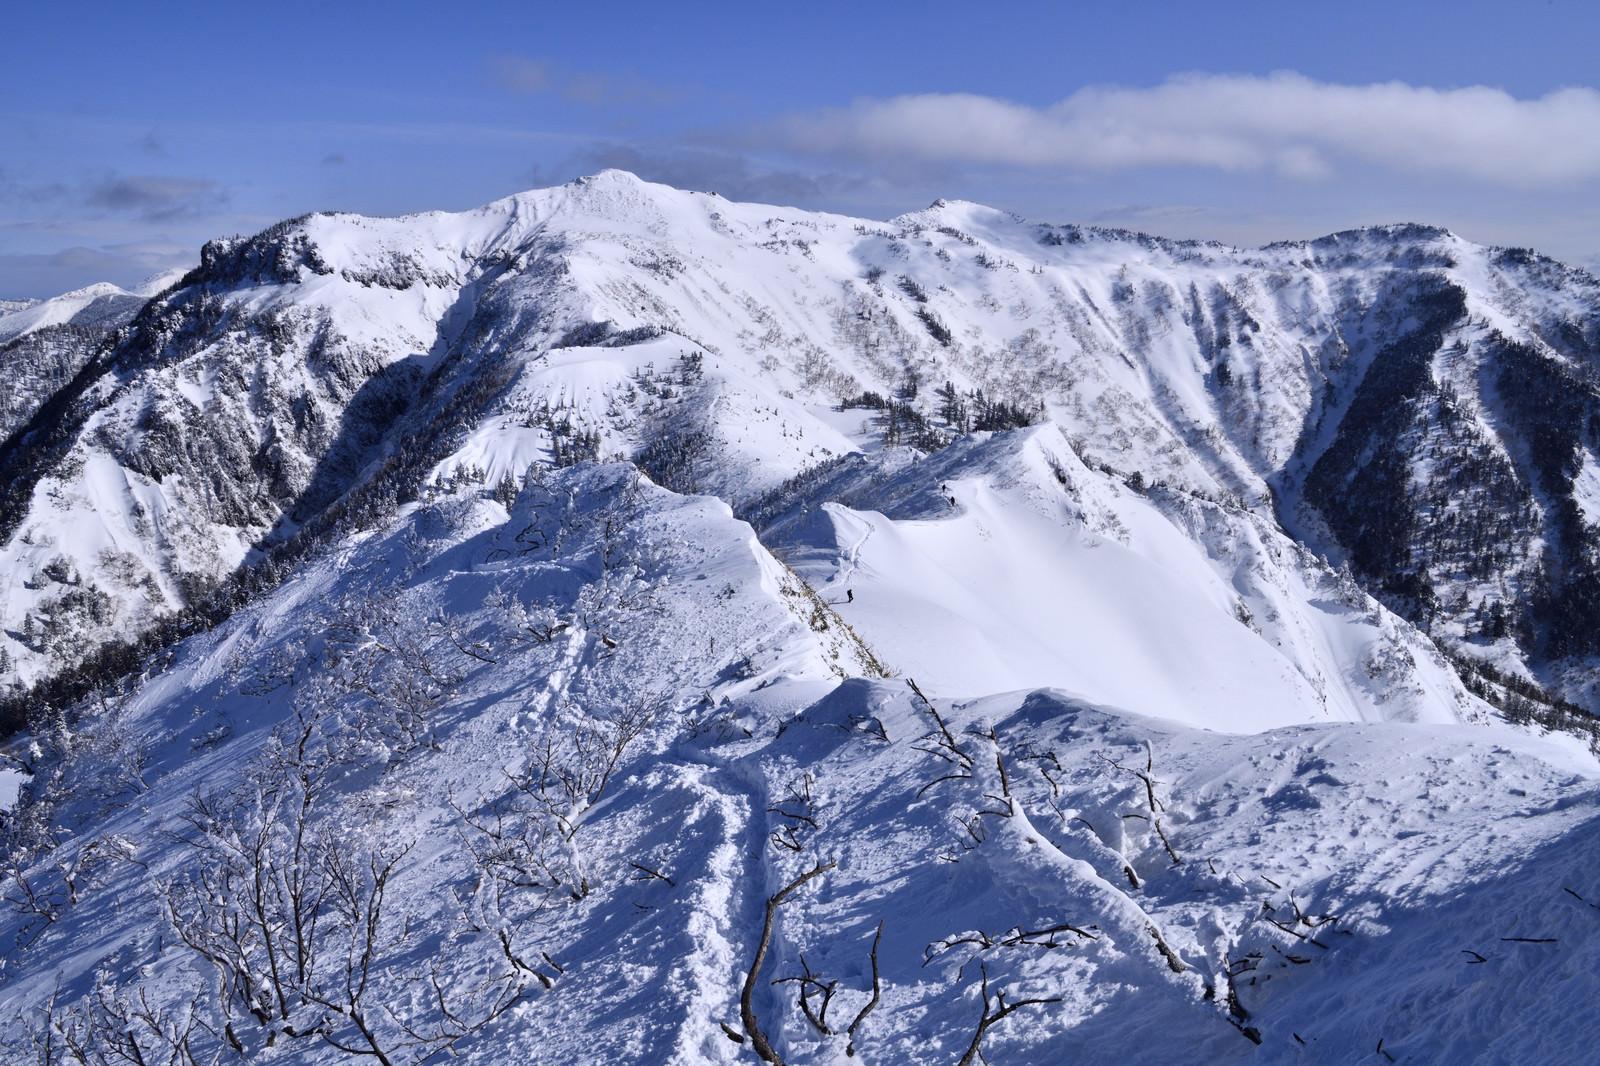 「雪で覆われた上州武尊山(じょうしゅうほたかやま)」の写真